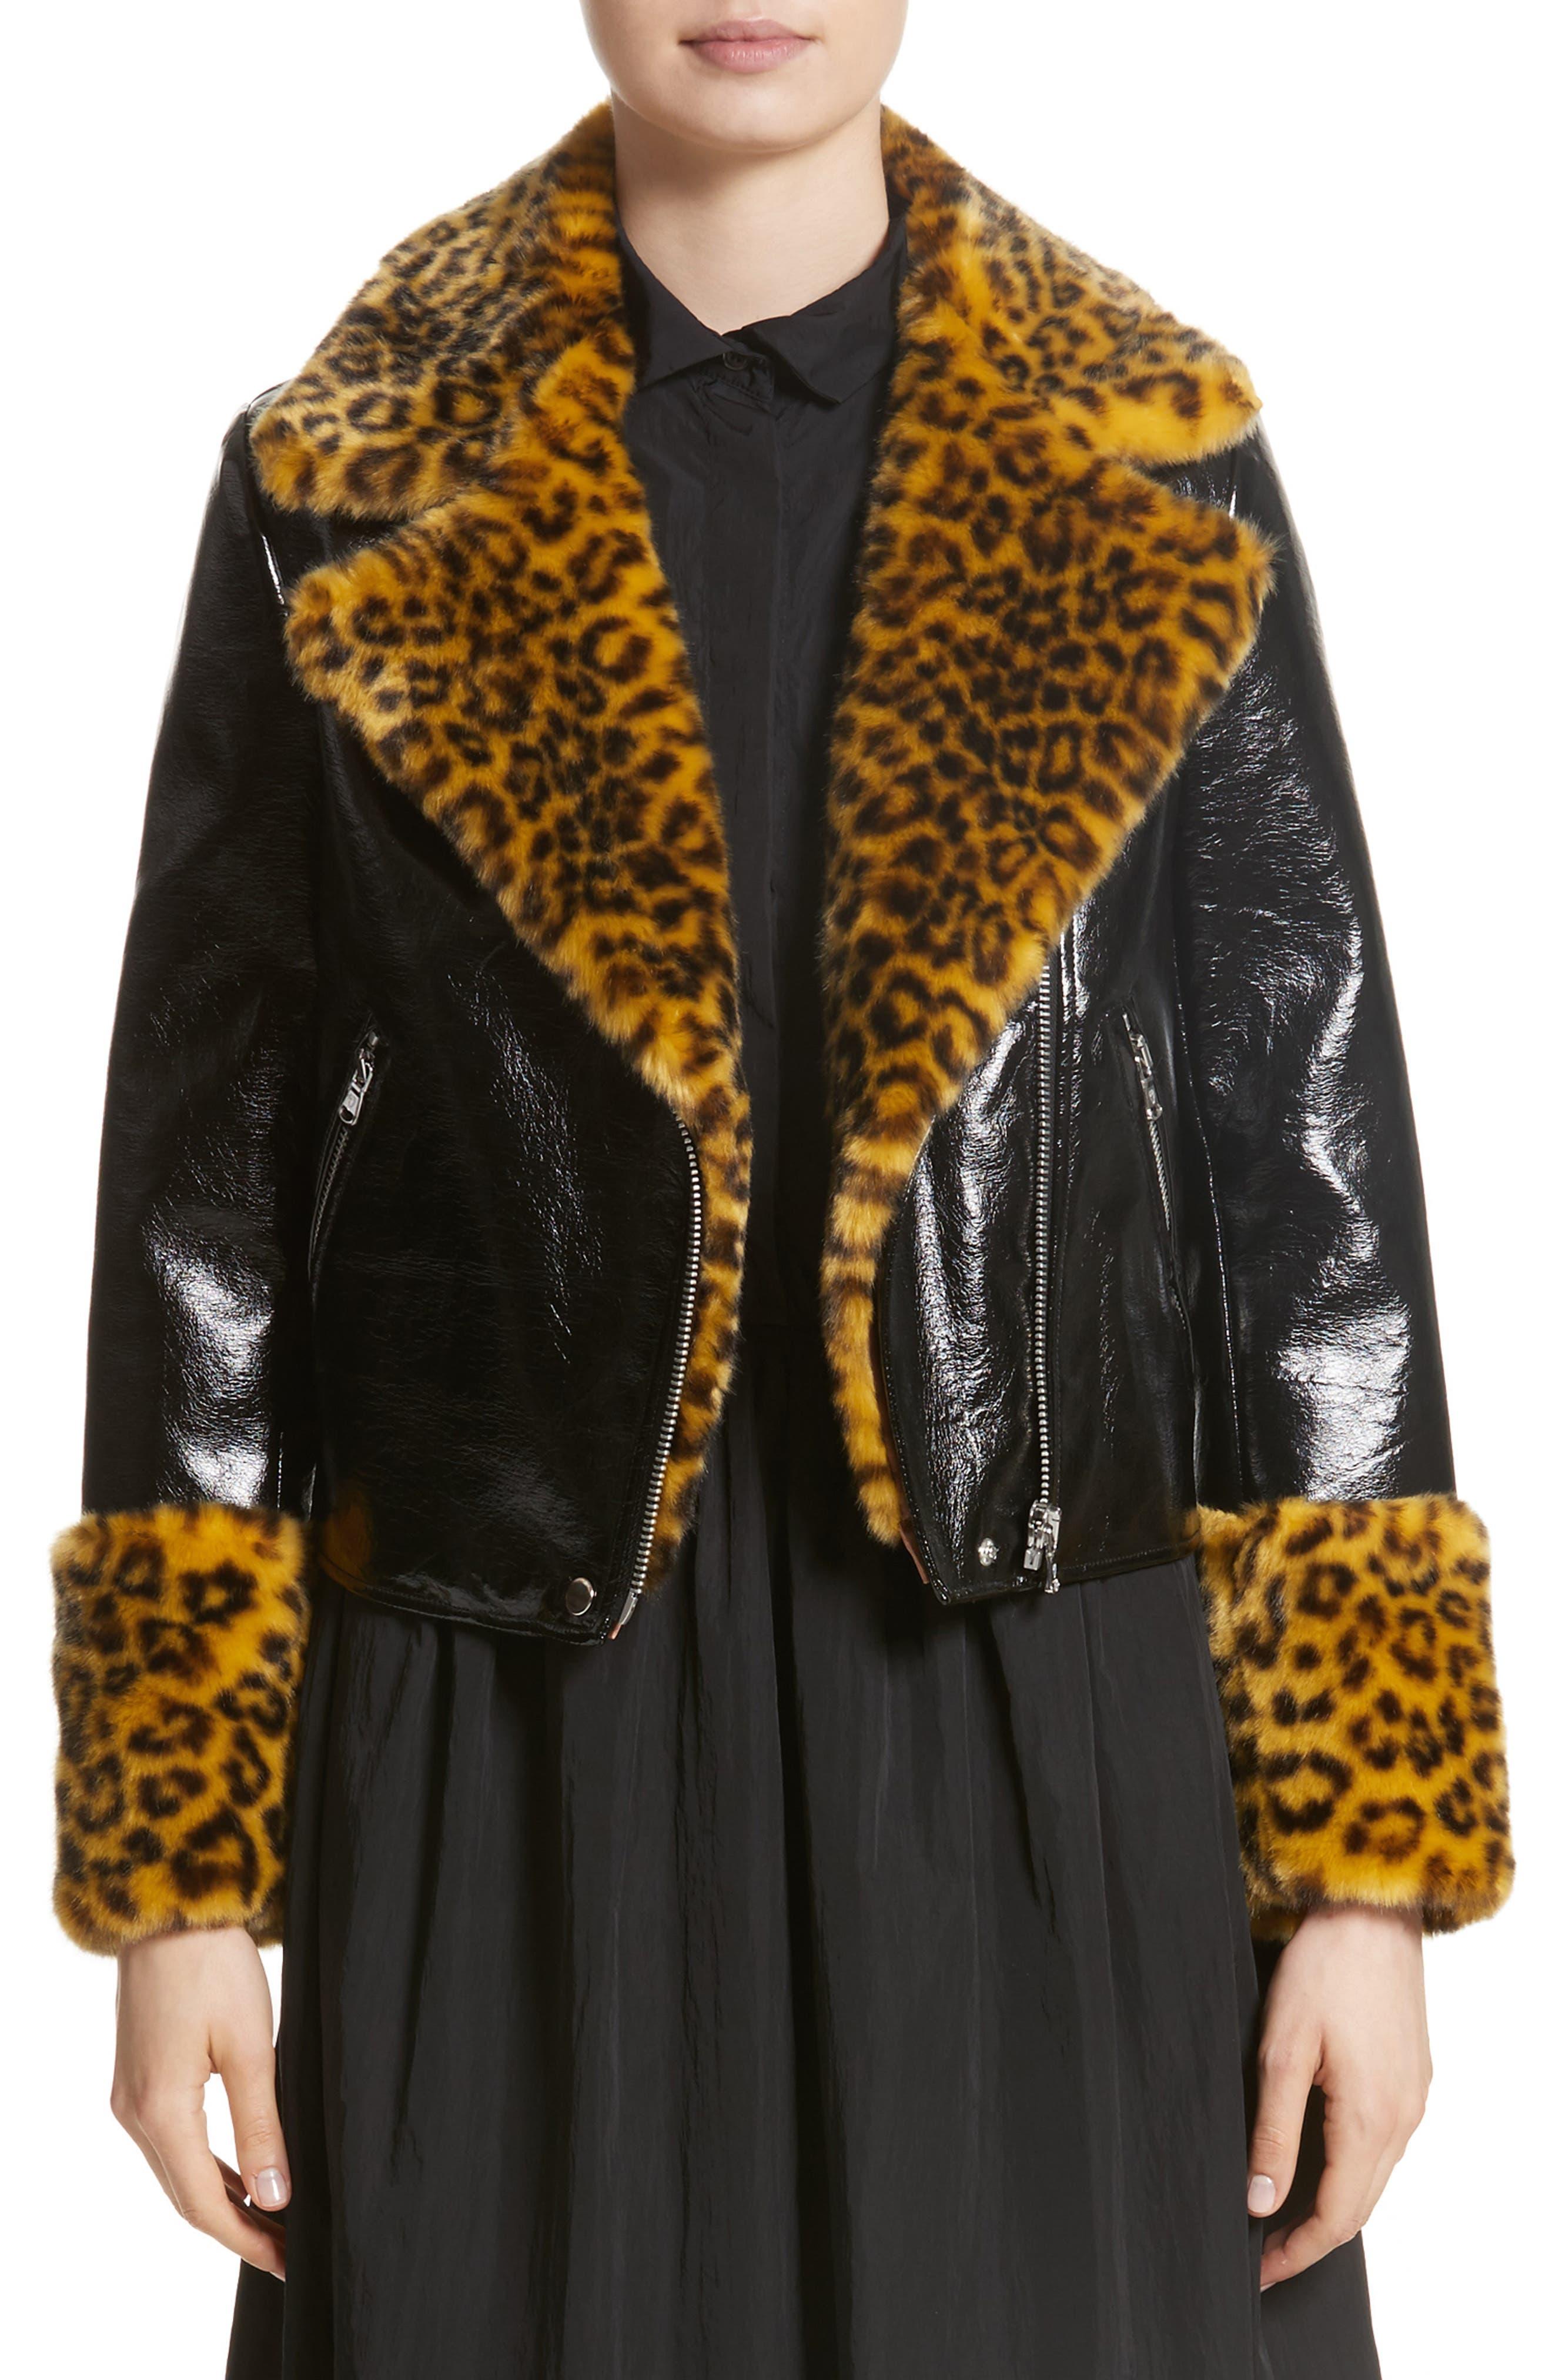 Shrimps Maisie Faux Leather Biker Jacket with Faux Fur Trim